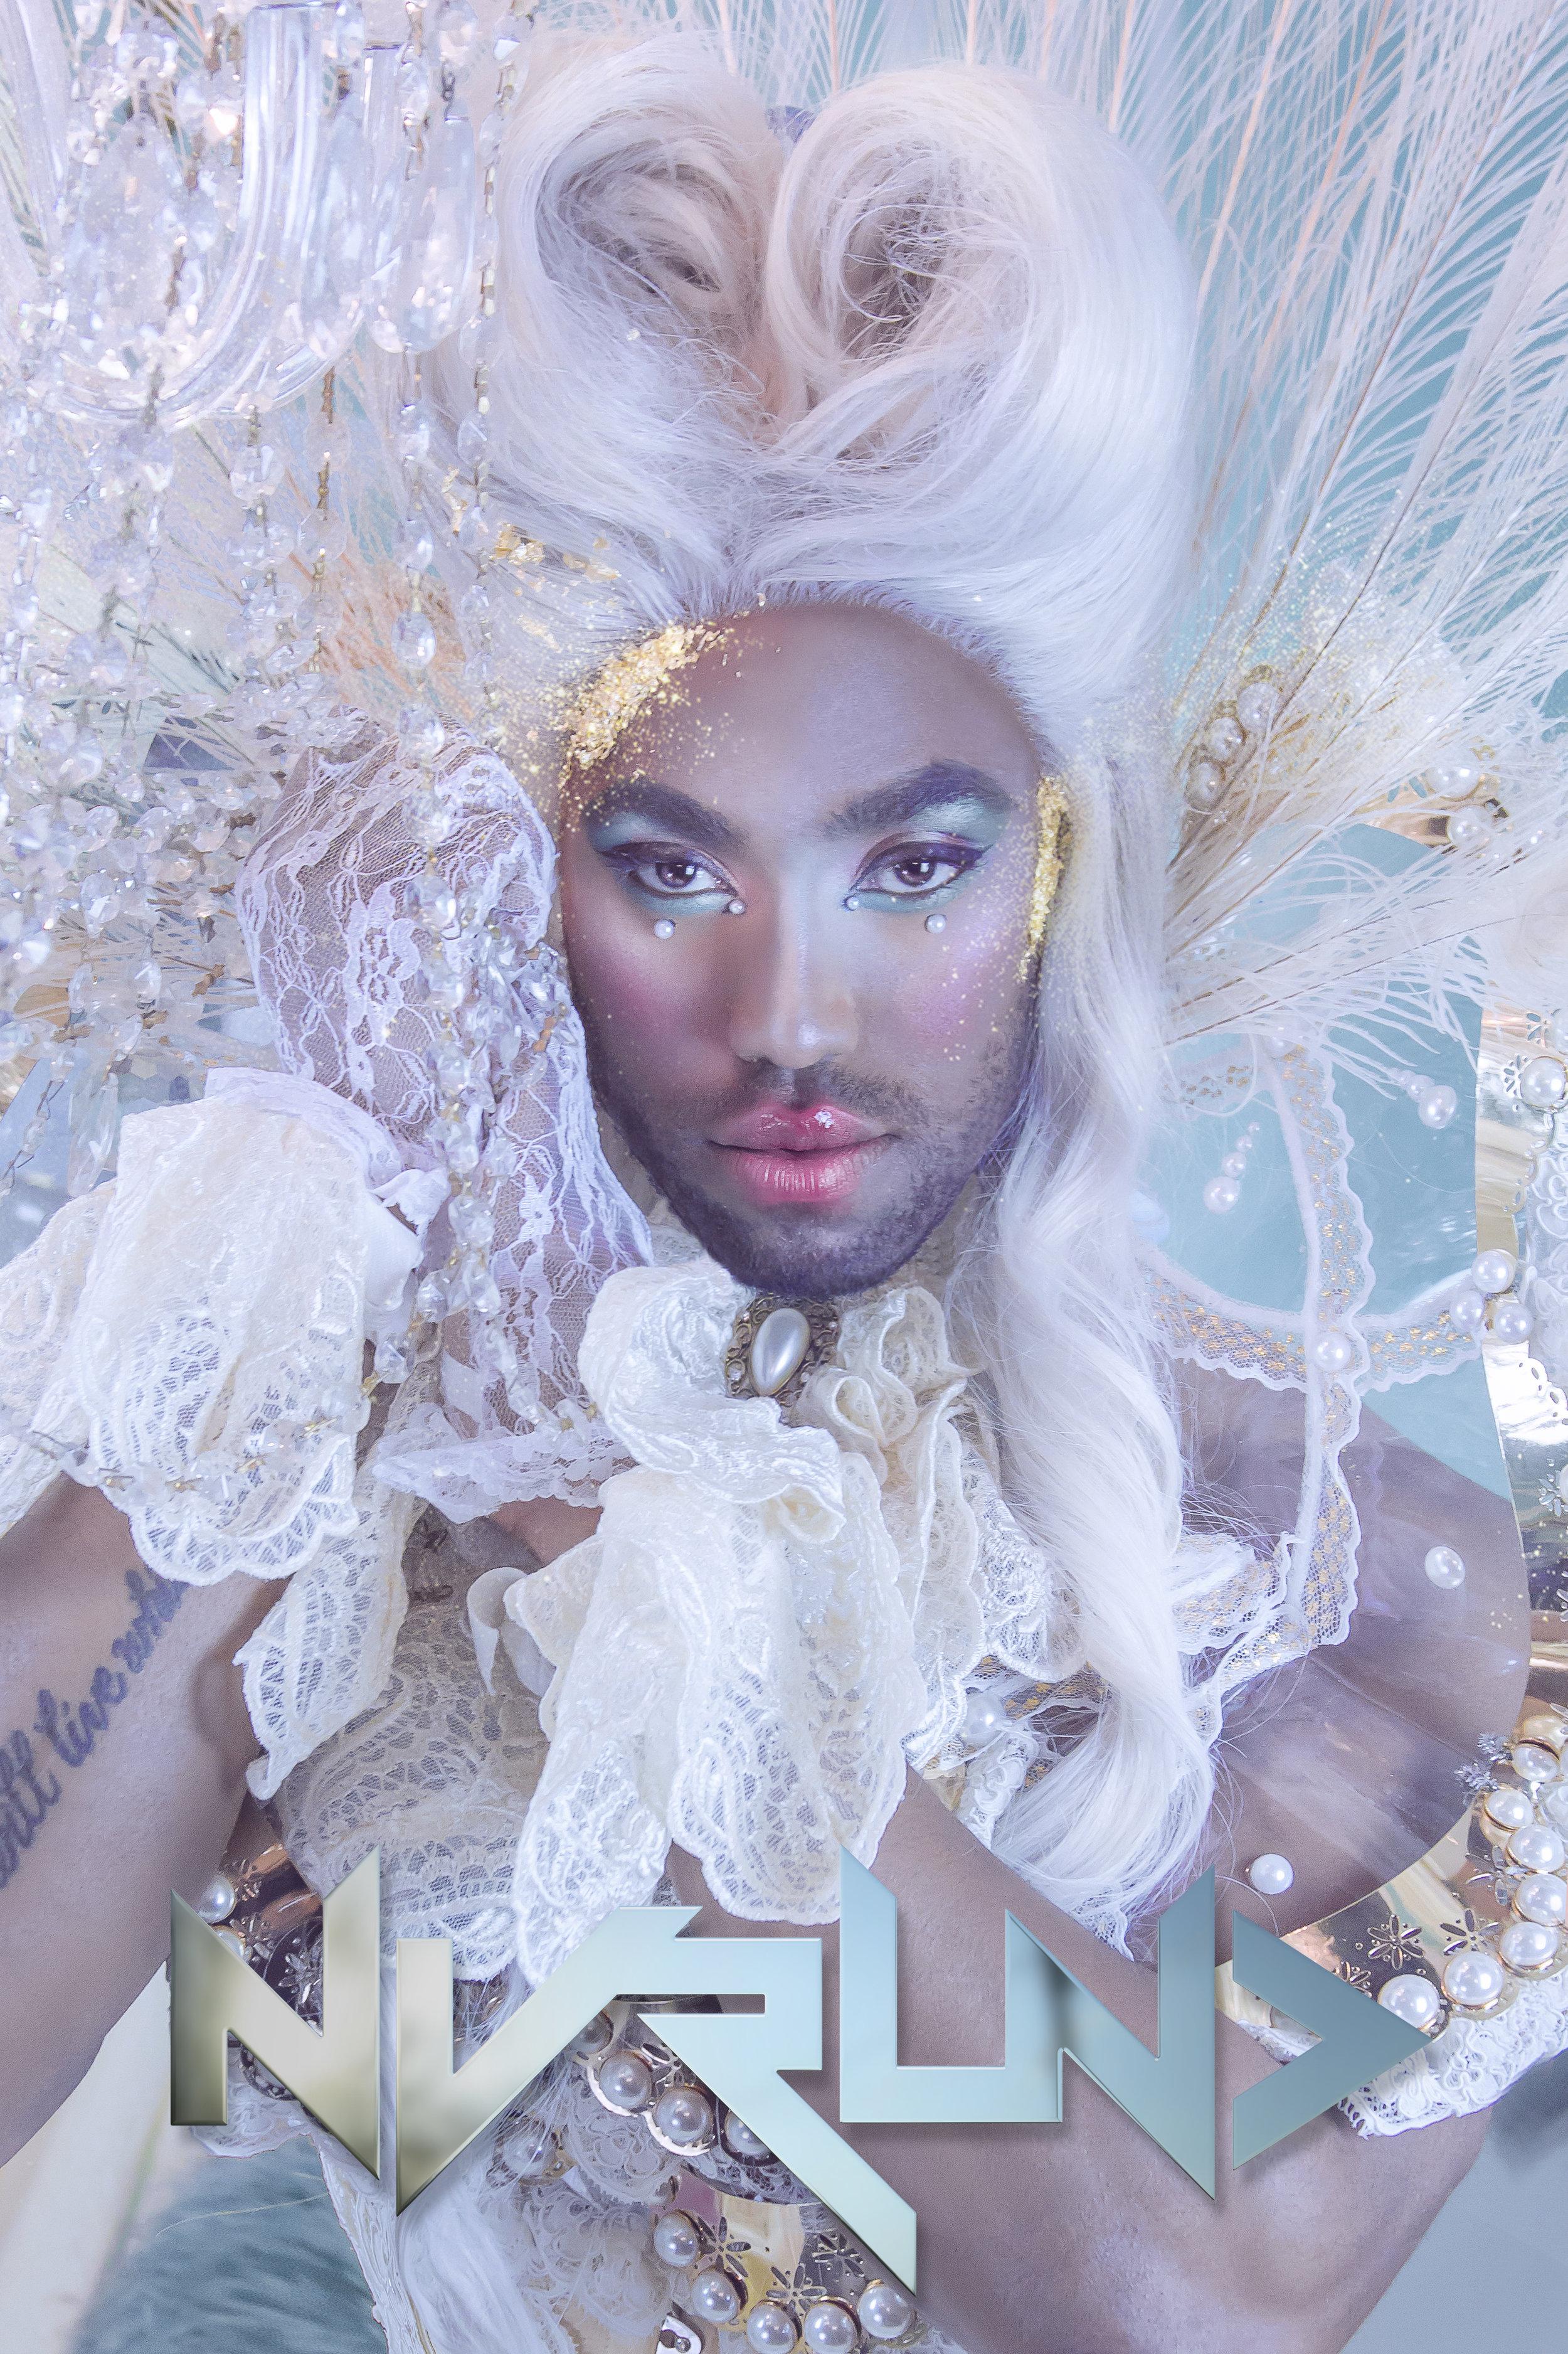 Marie Antoinette_03 Final.jpg